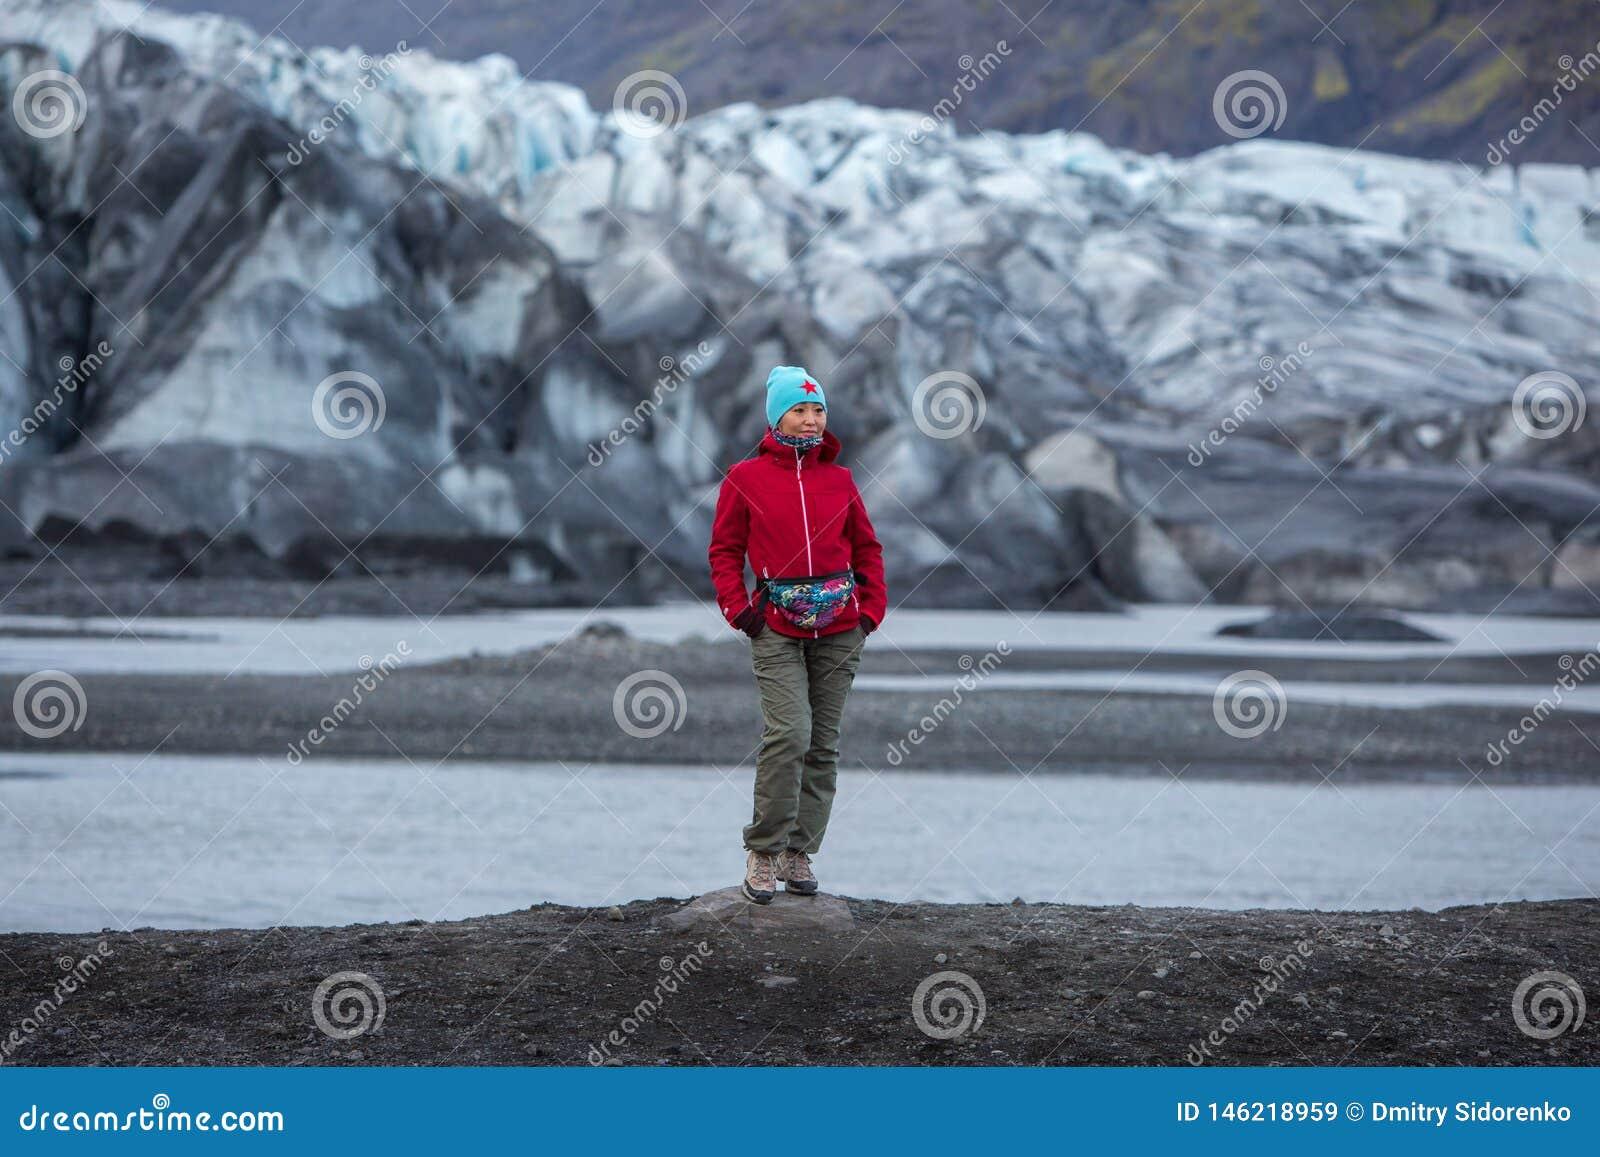 Mädchen in einer roten Jacke steht auf dem Hintergrund eines Gletschers